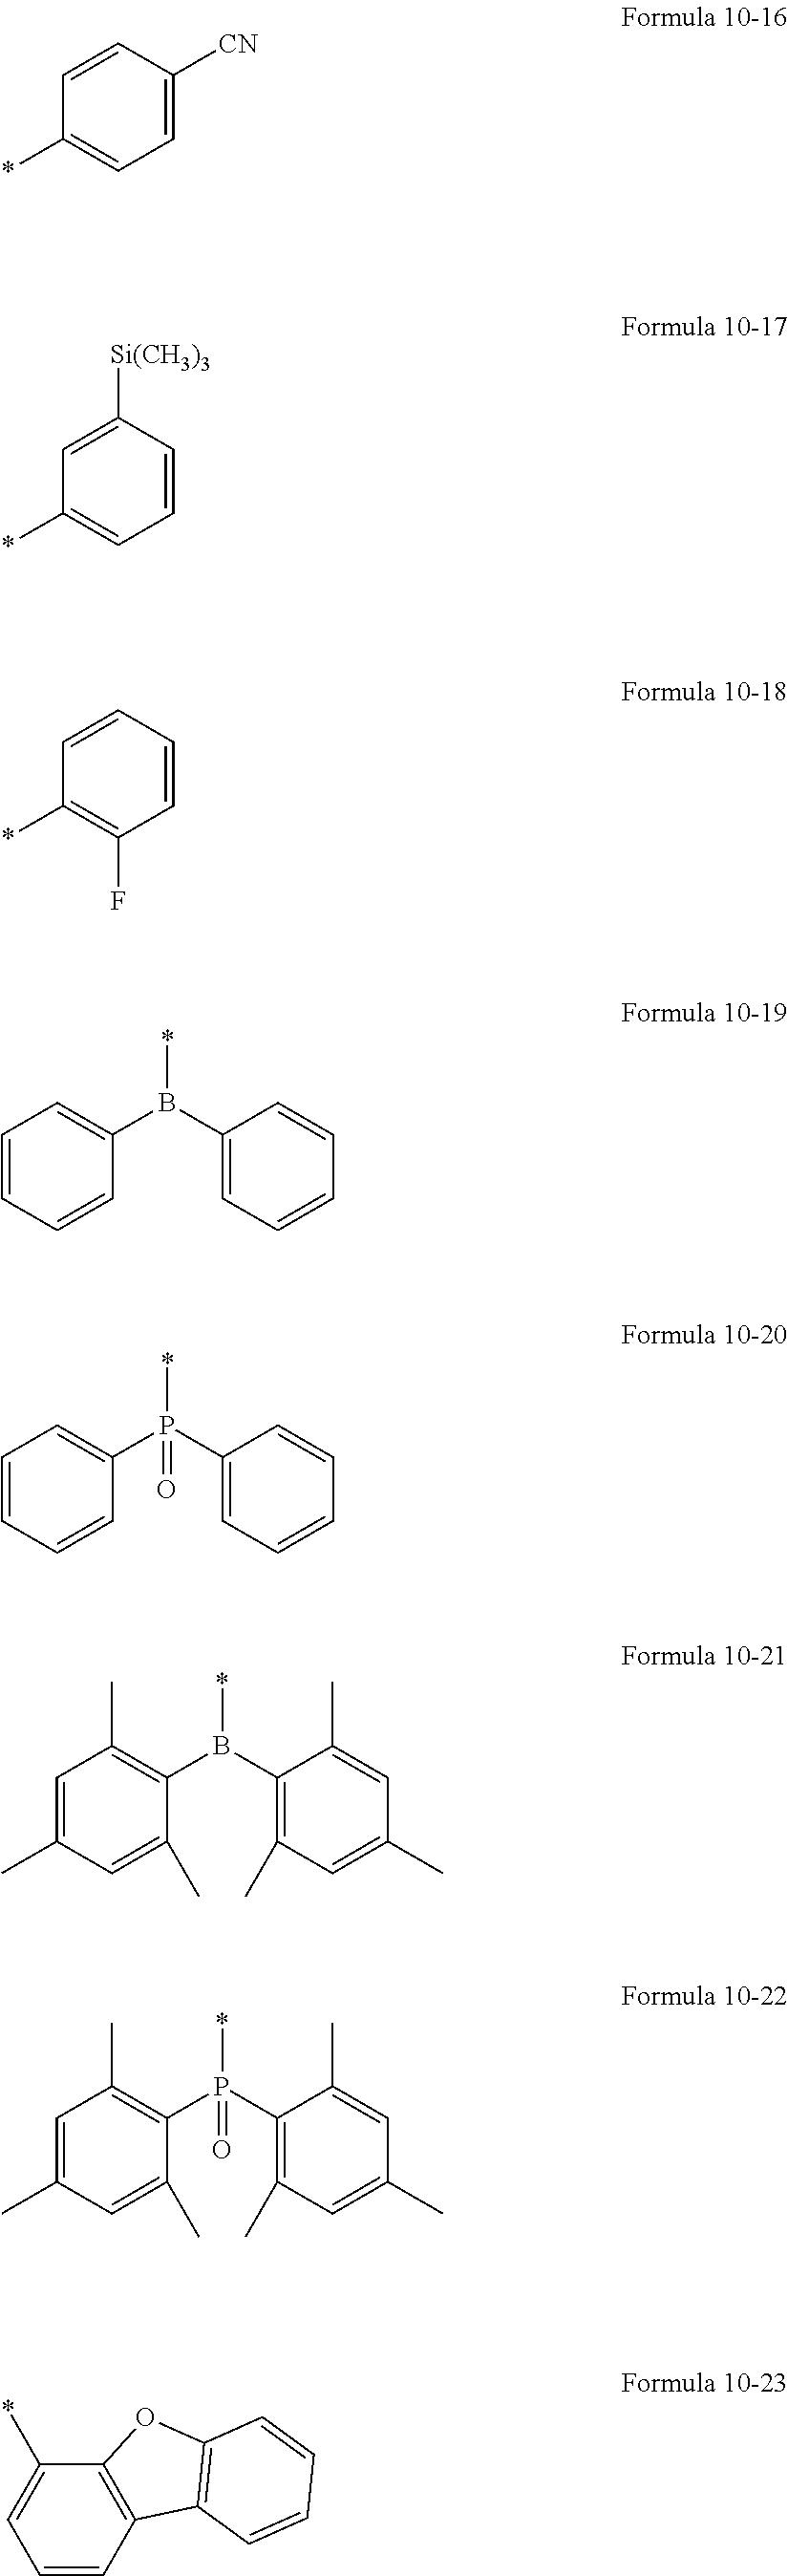 Figure US20160155962A1-20160602-C00006